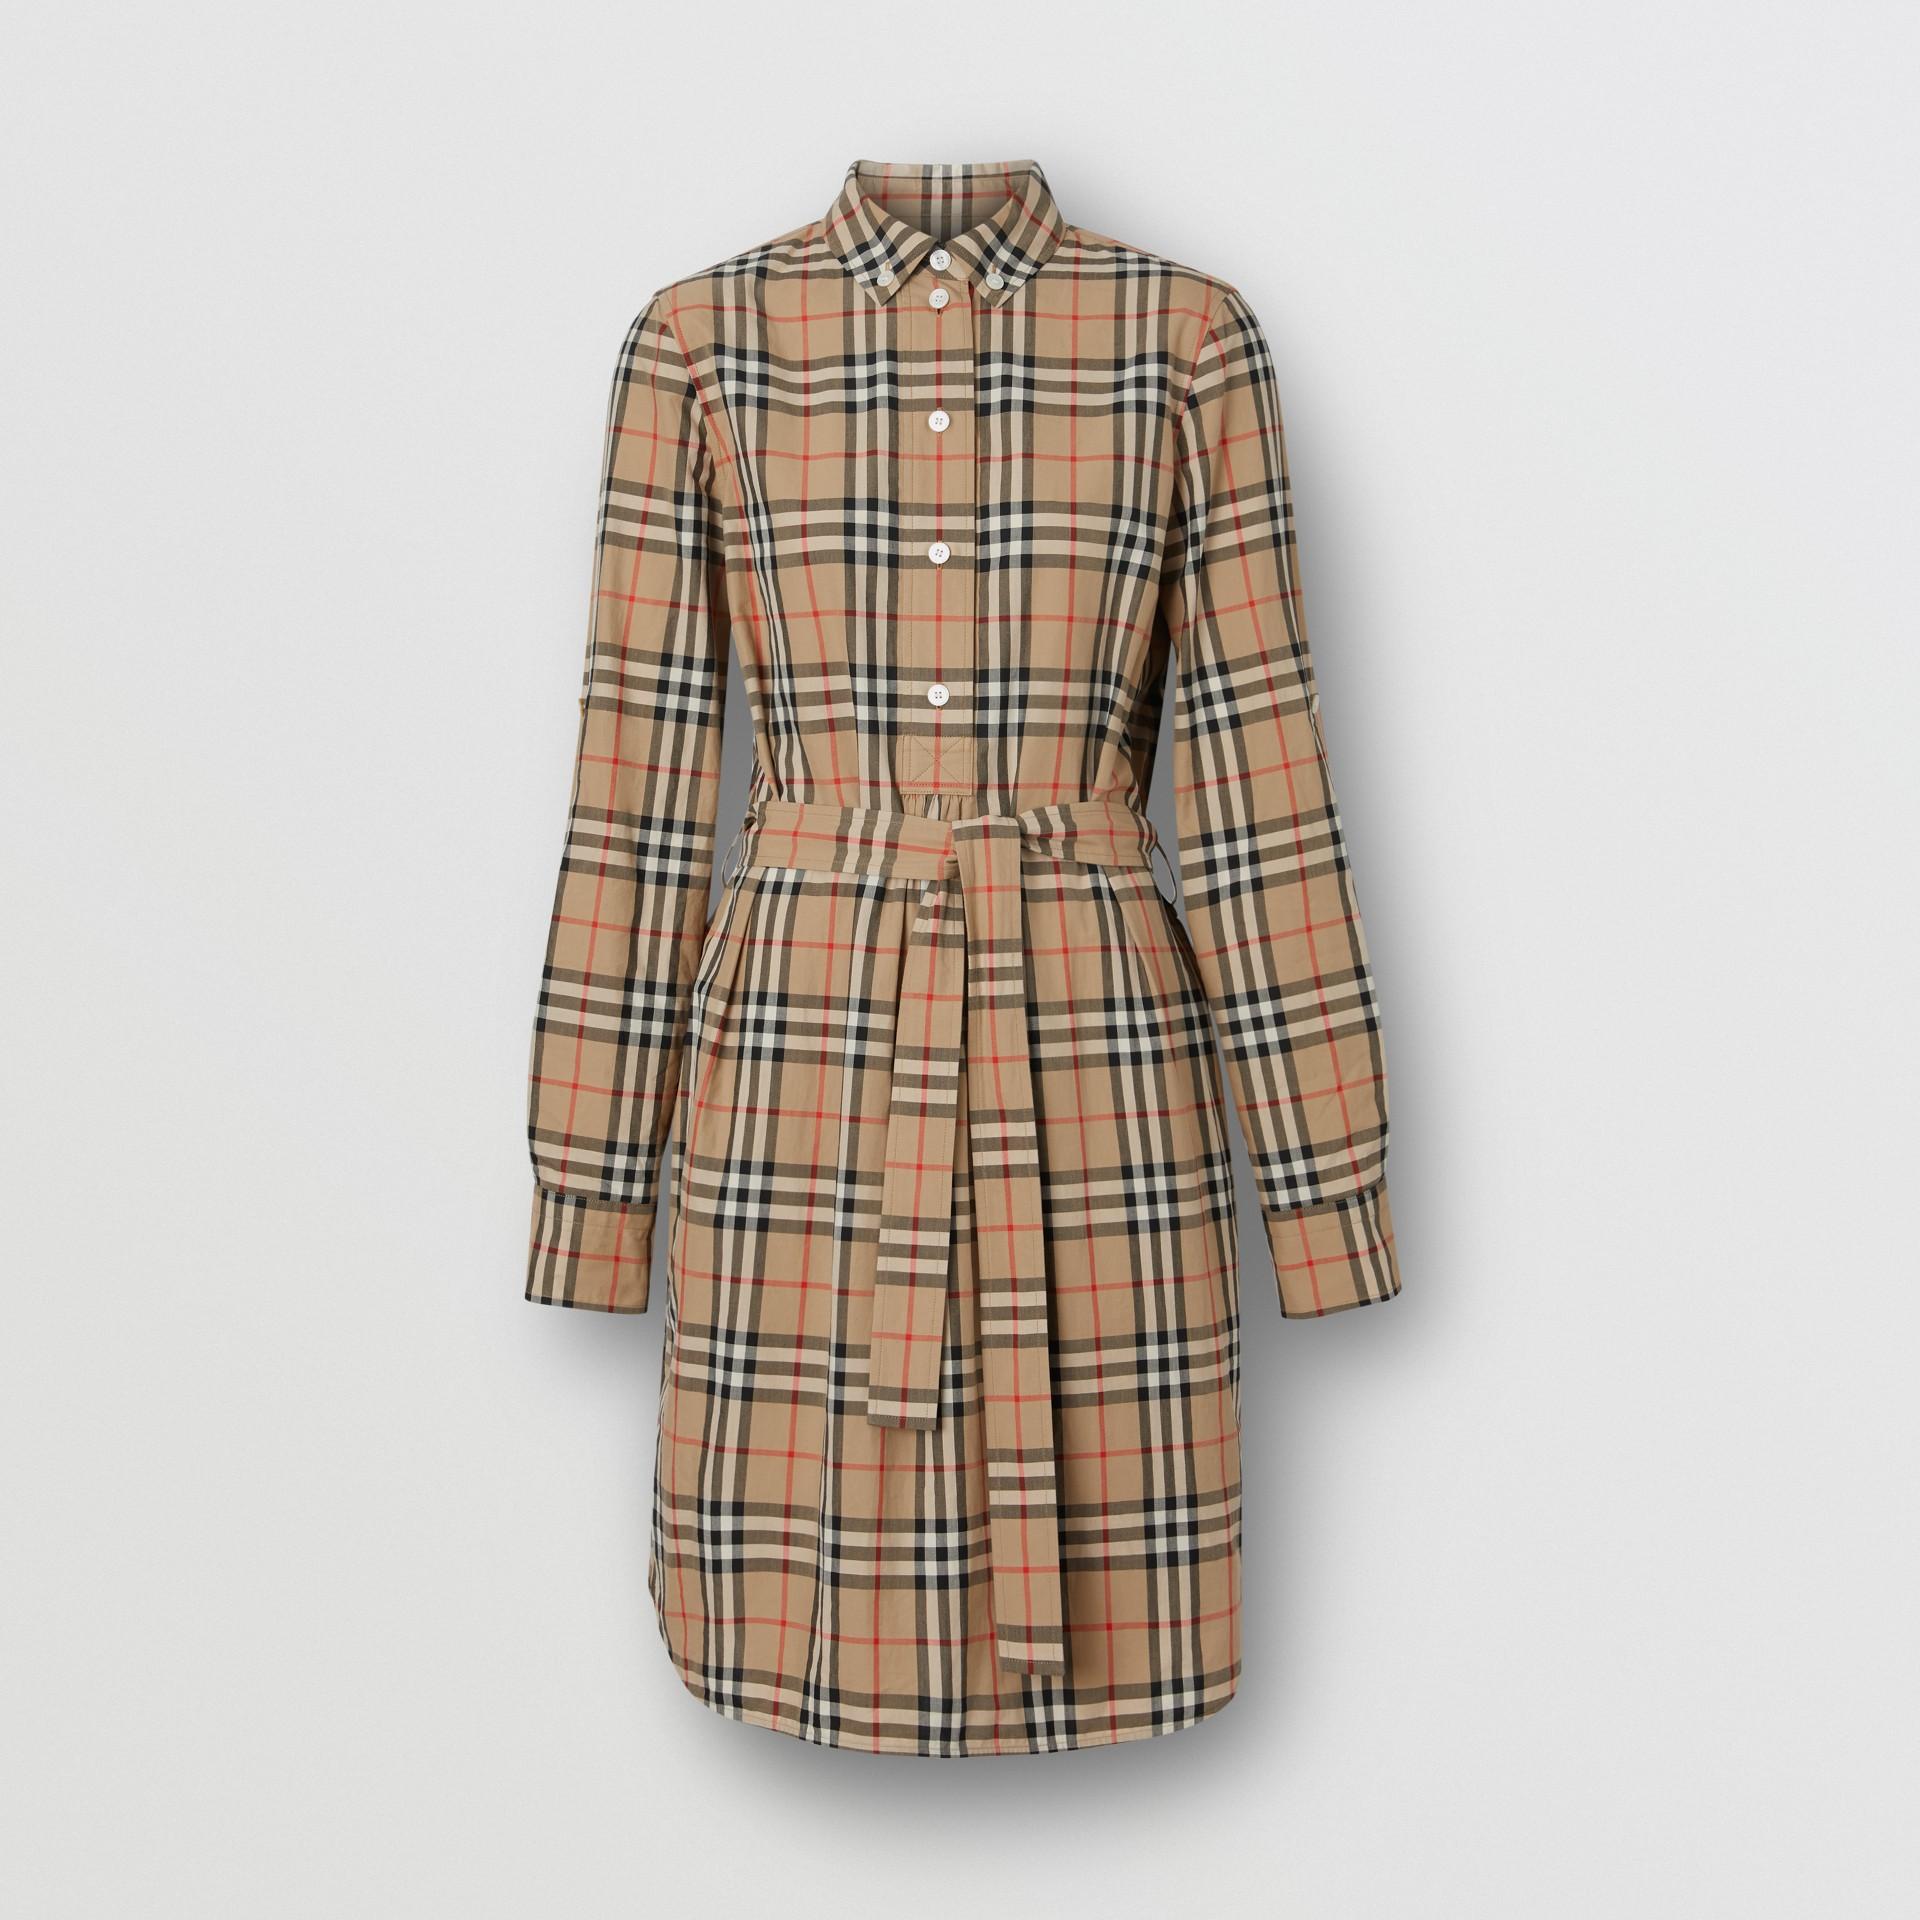 Vestido estilo camisa de algodão em Vintage Check com cinto de amarrar (Bege Clássico) - Mulheres | Burberry - galeria de imagens 3